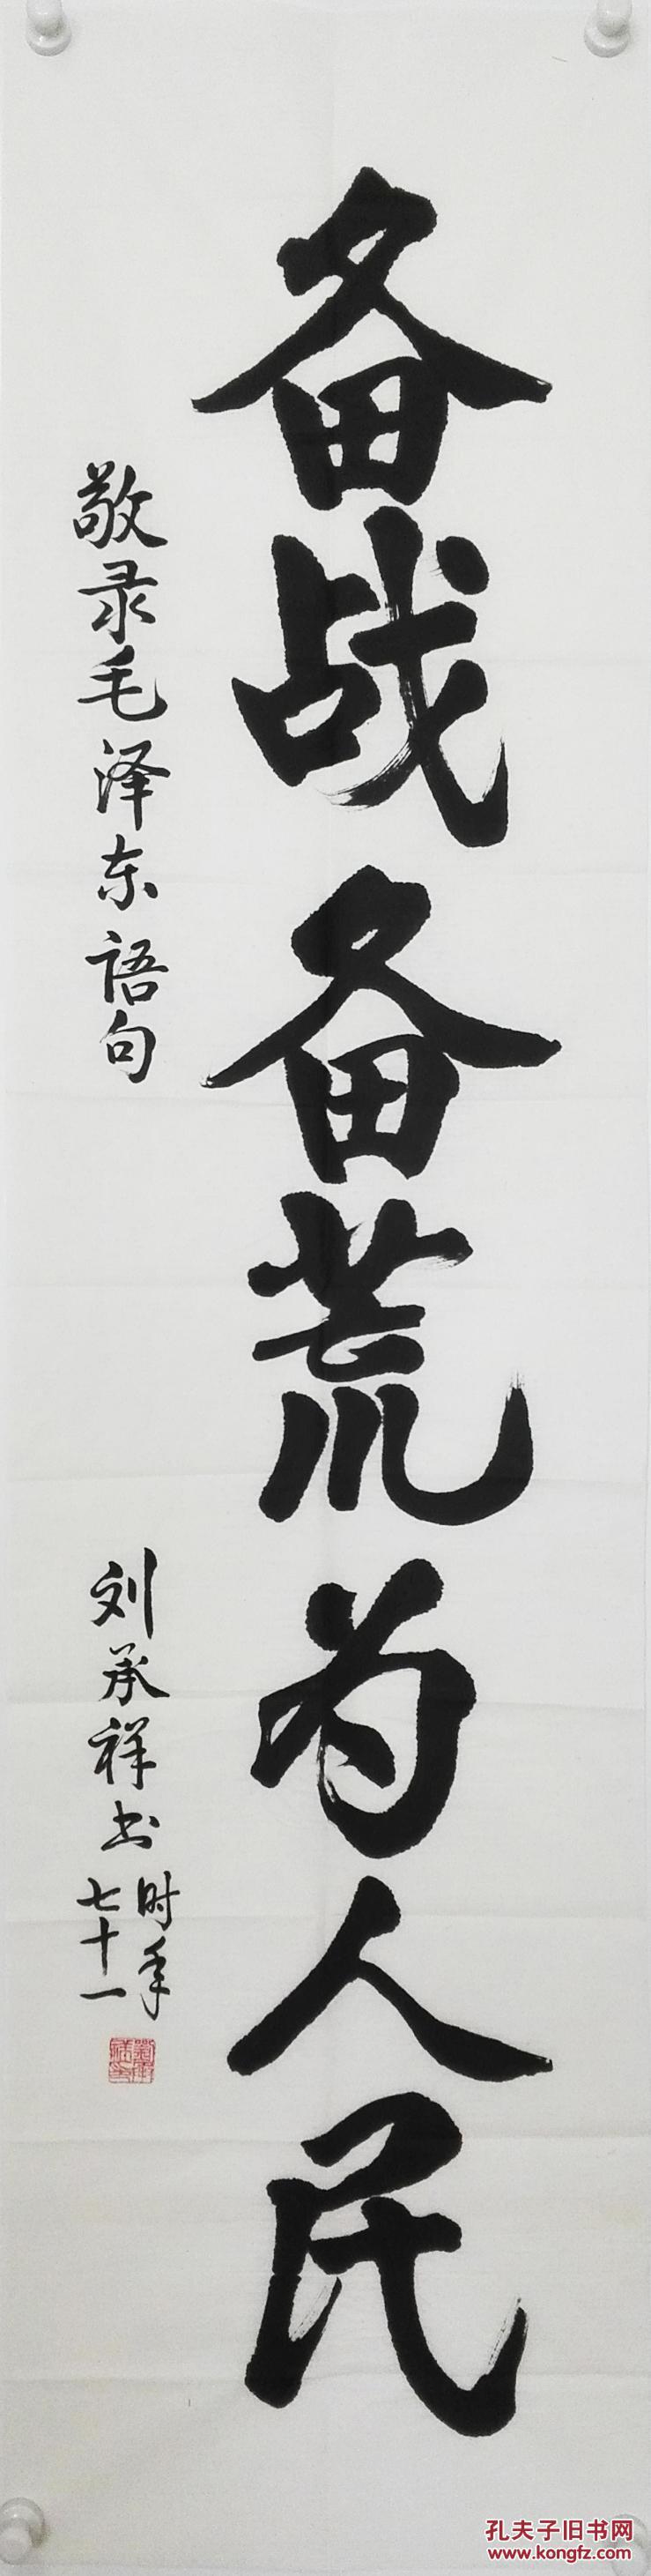 书法家刘承祥楷书四尺对开作品图片